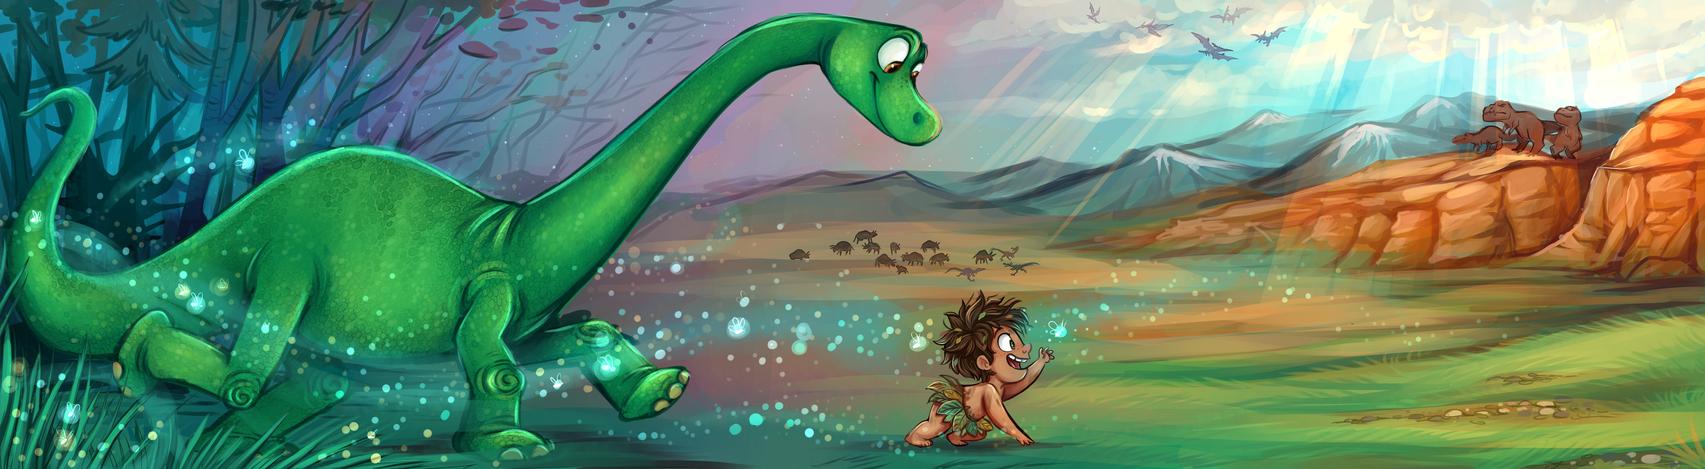 The Good Dinosaur by sharkie19